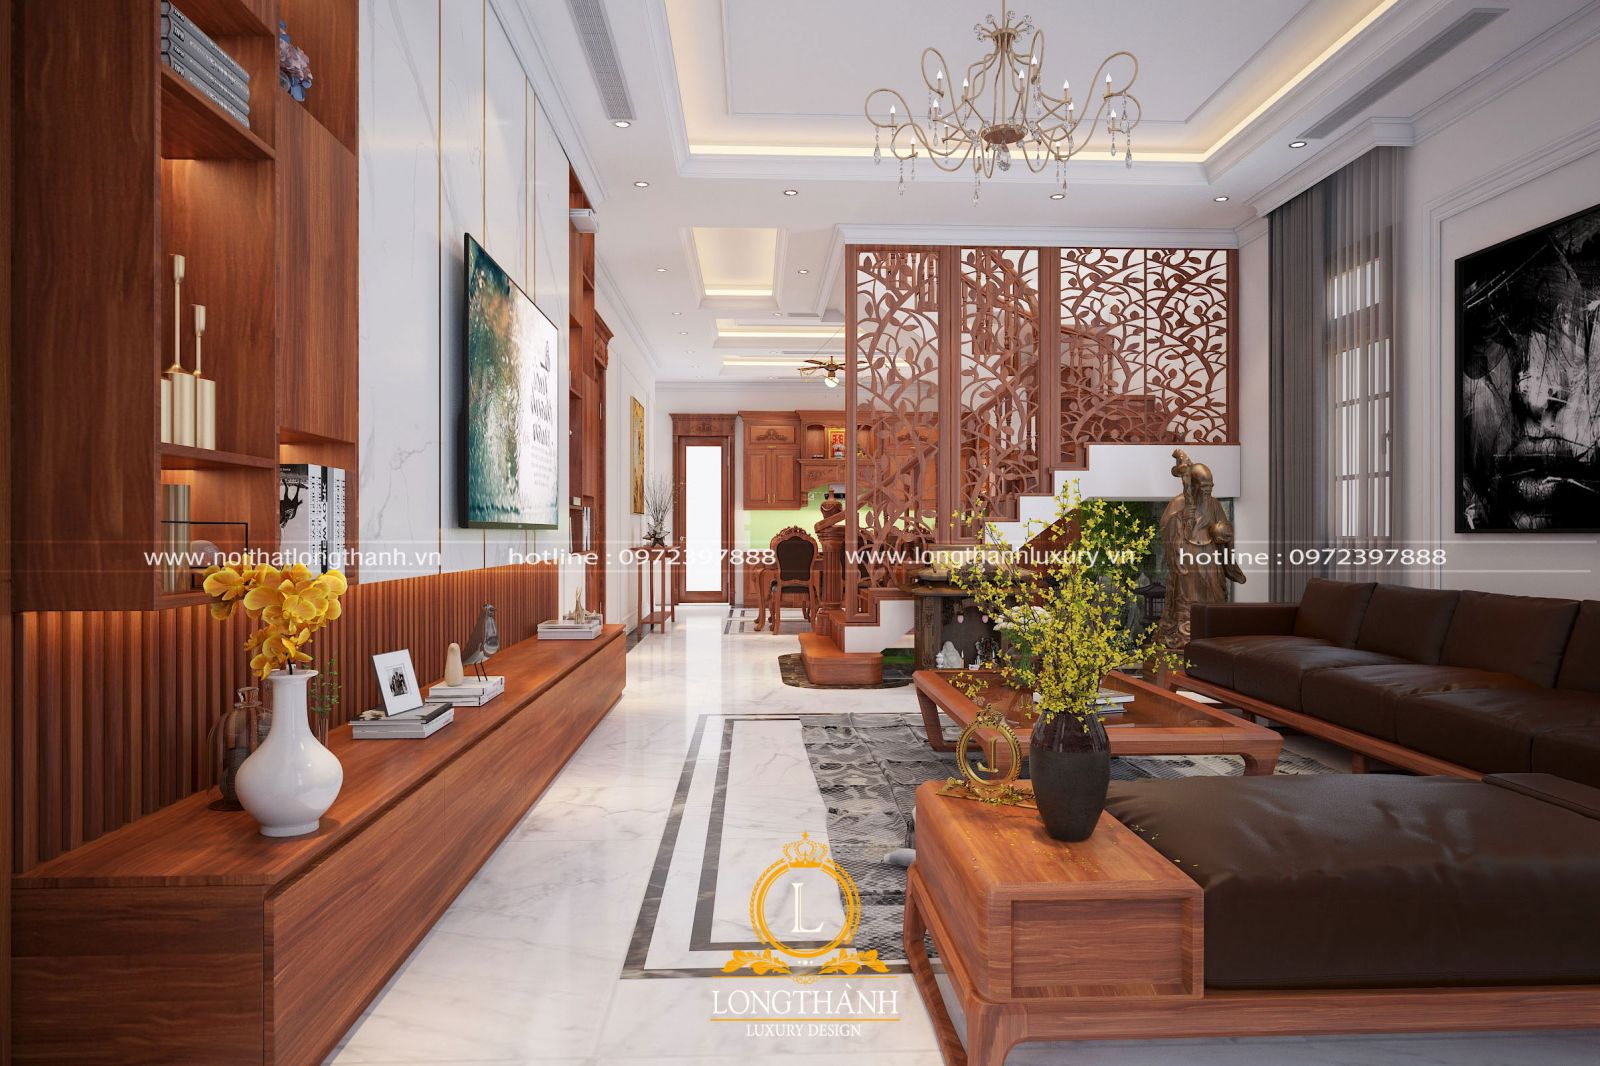 Mẫu thiết kế nội thất nhà phố đơn giản nhẹ nhàng mà tiện nghi